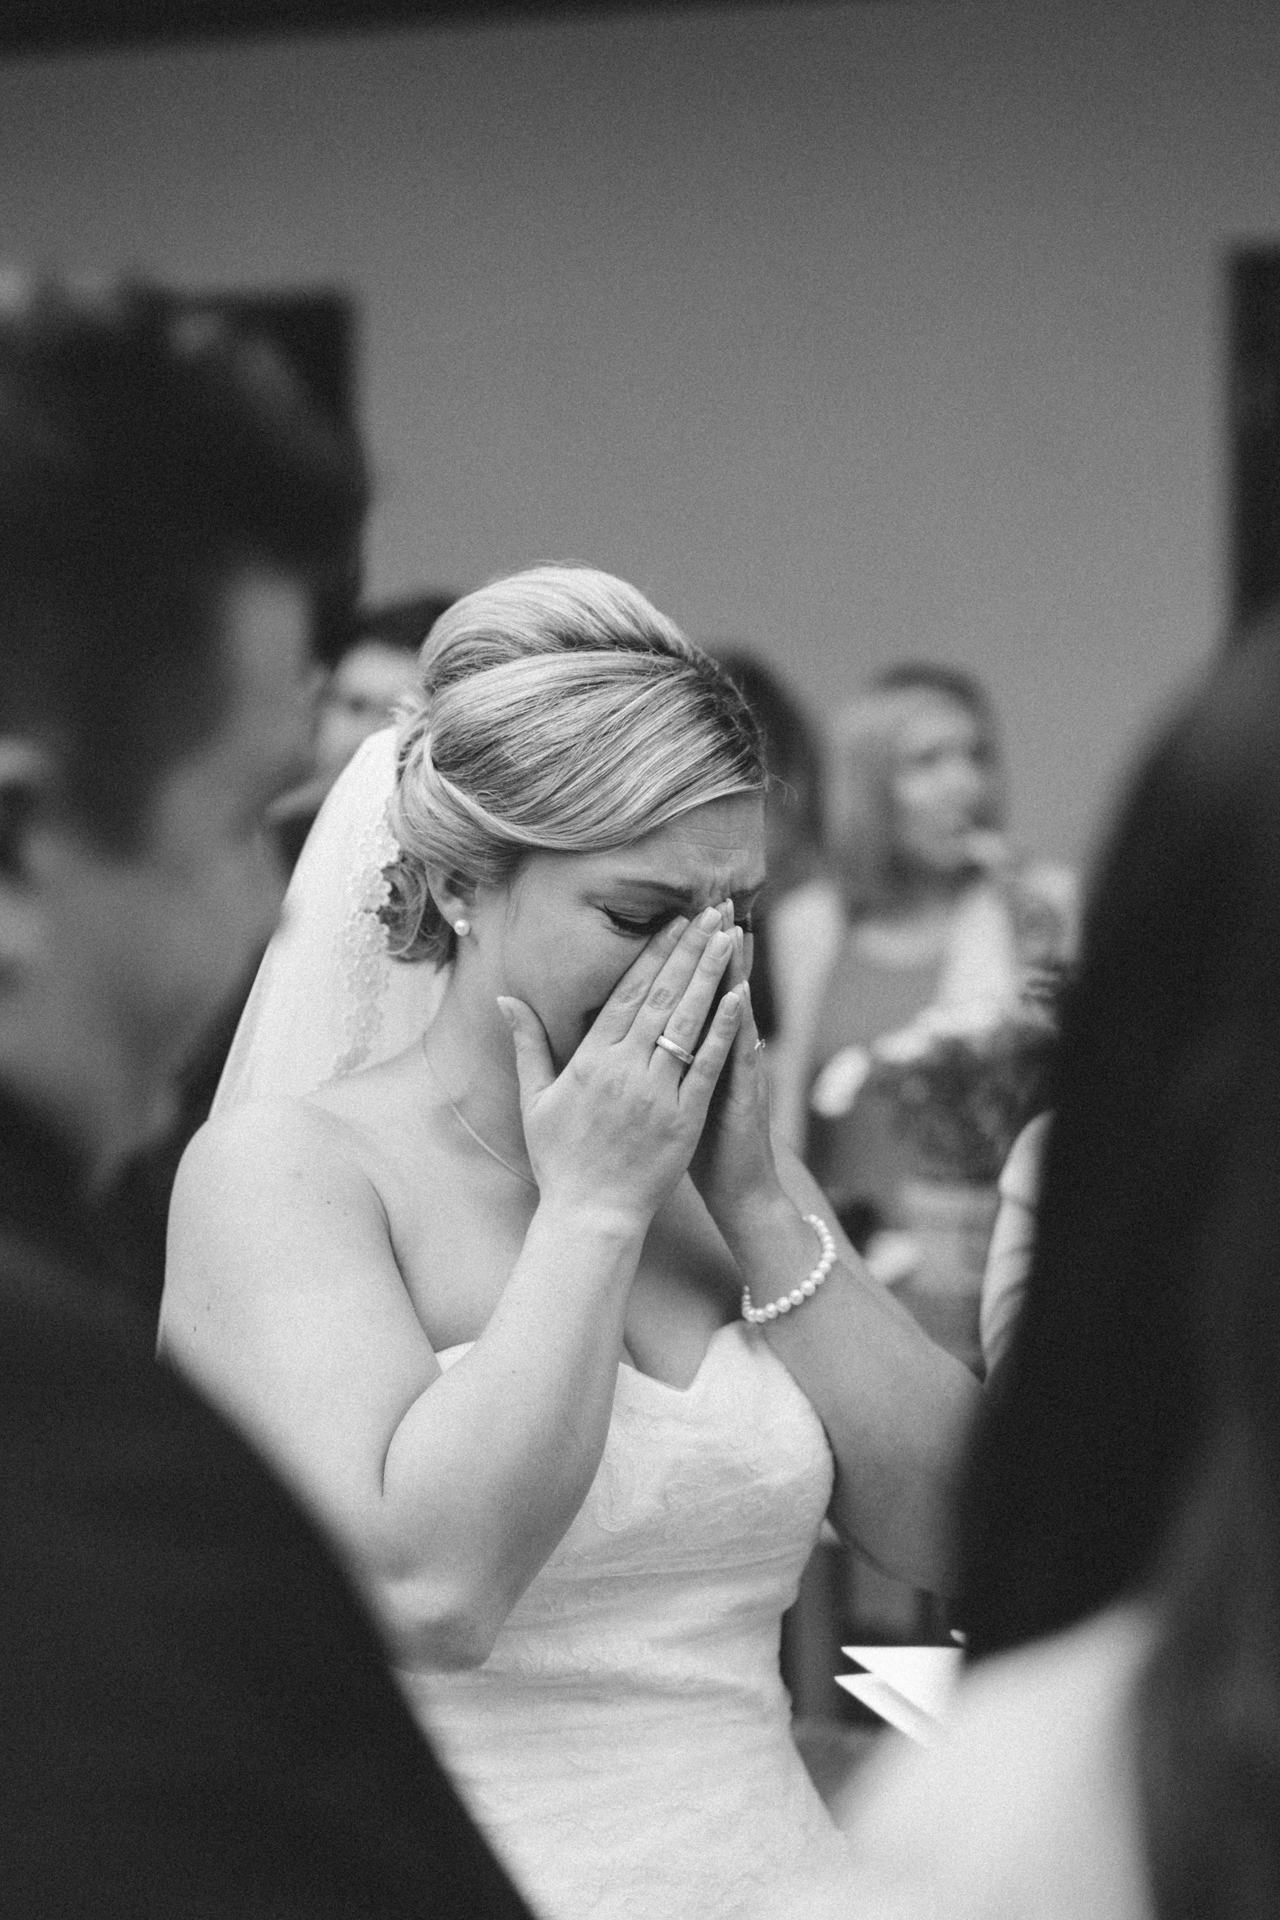 Hochzeit Eventscheune Dagobertshausen - Julia & Florian - Sandra Socha Fotografie - 50